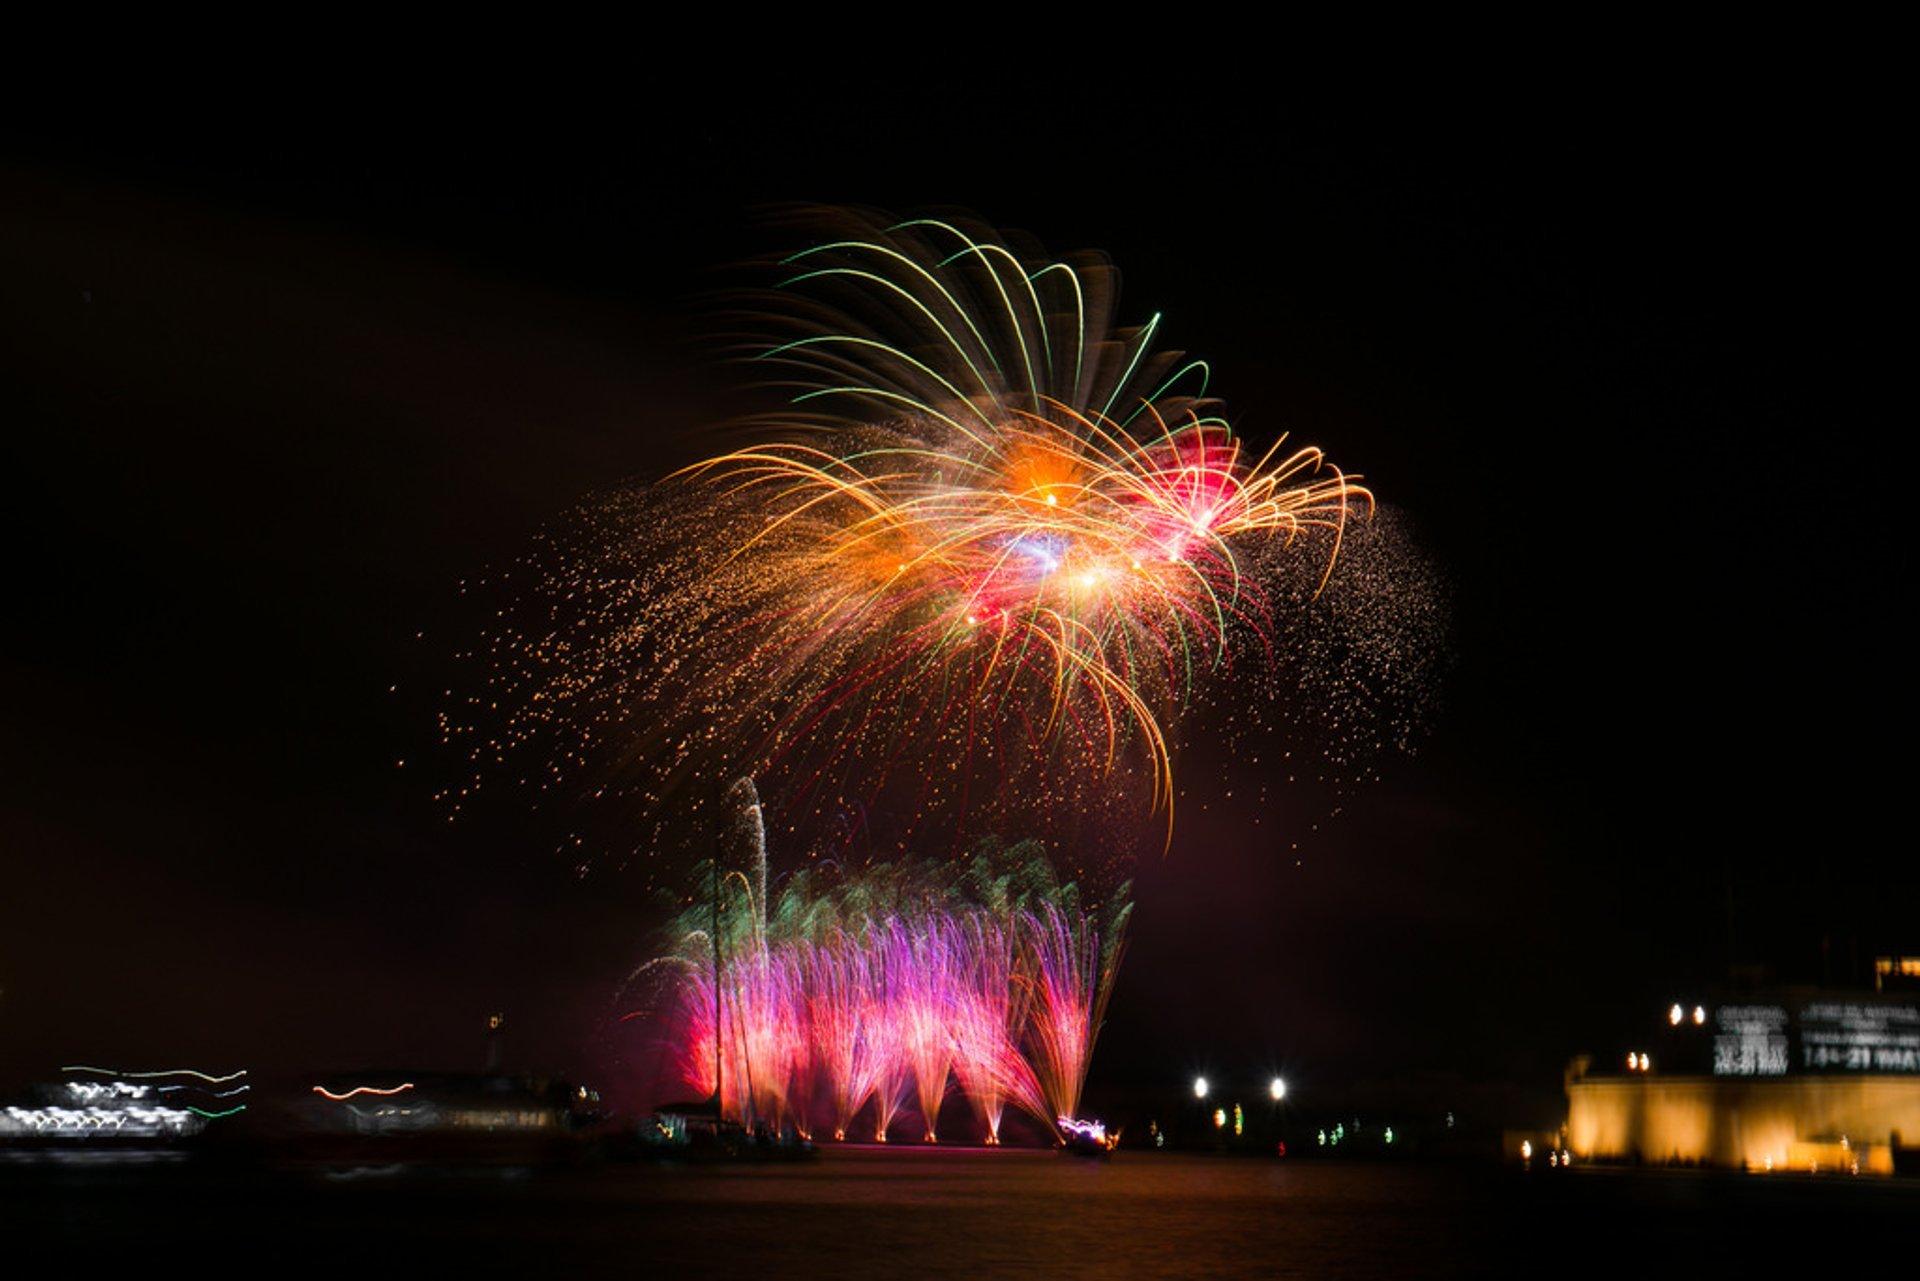 Malta Fireworks Festival in Malta 2020 - Best Time